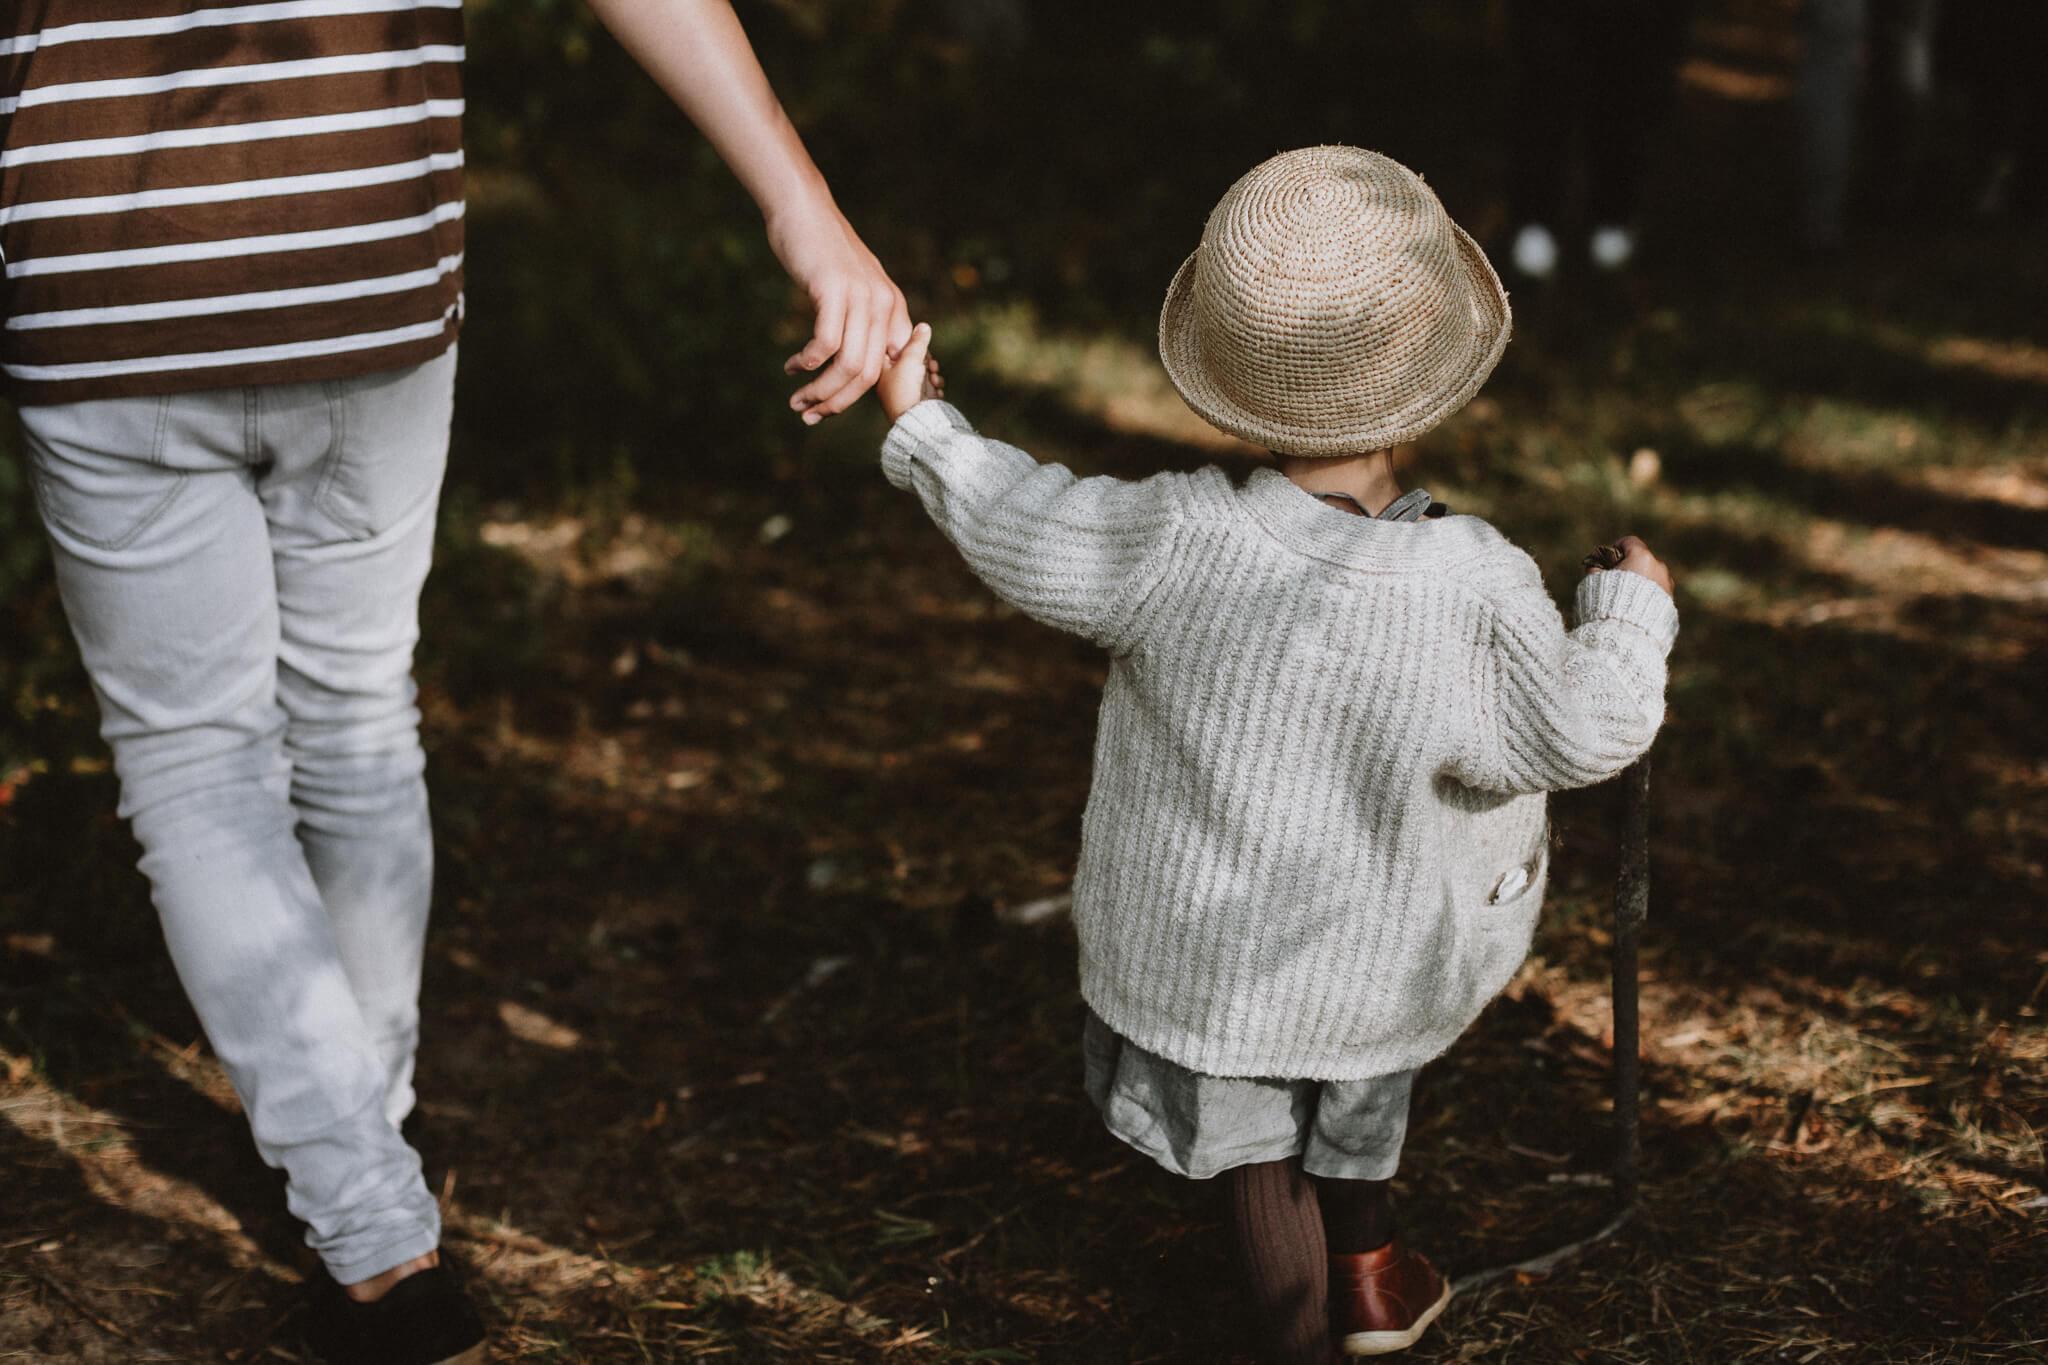 Väike tüdruk jalutab metsas käest kinni koos suurema poisiga